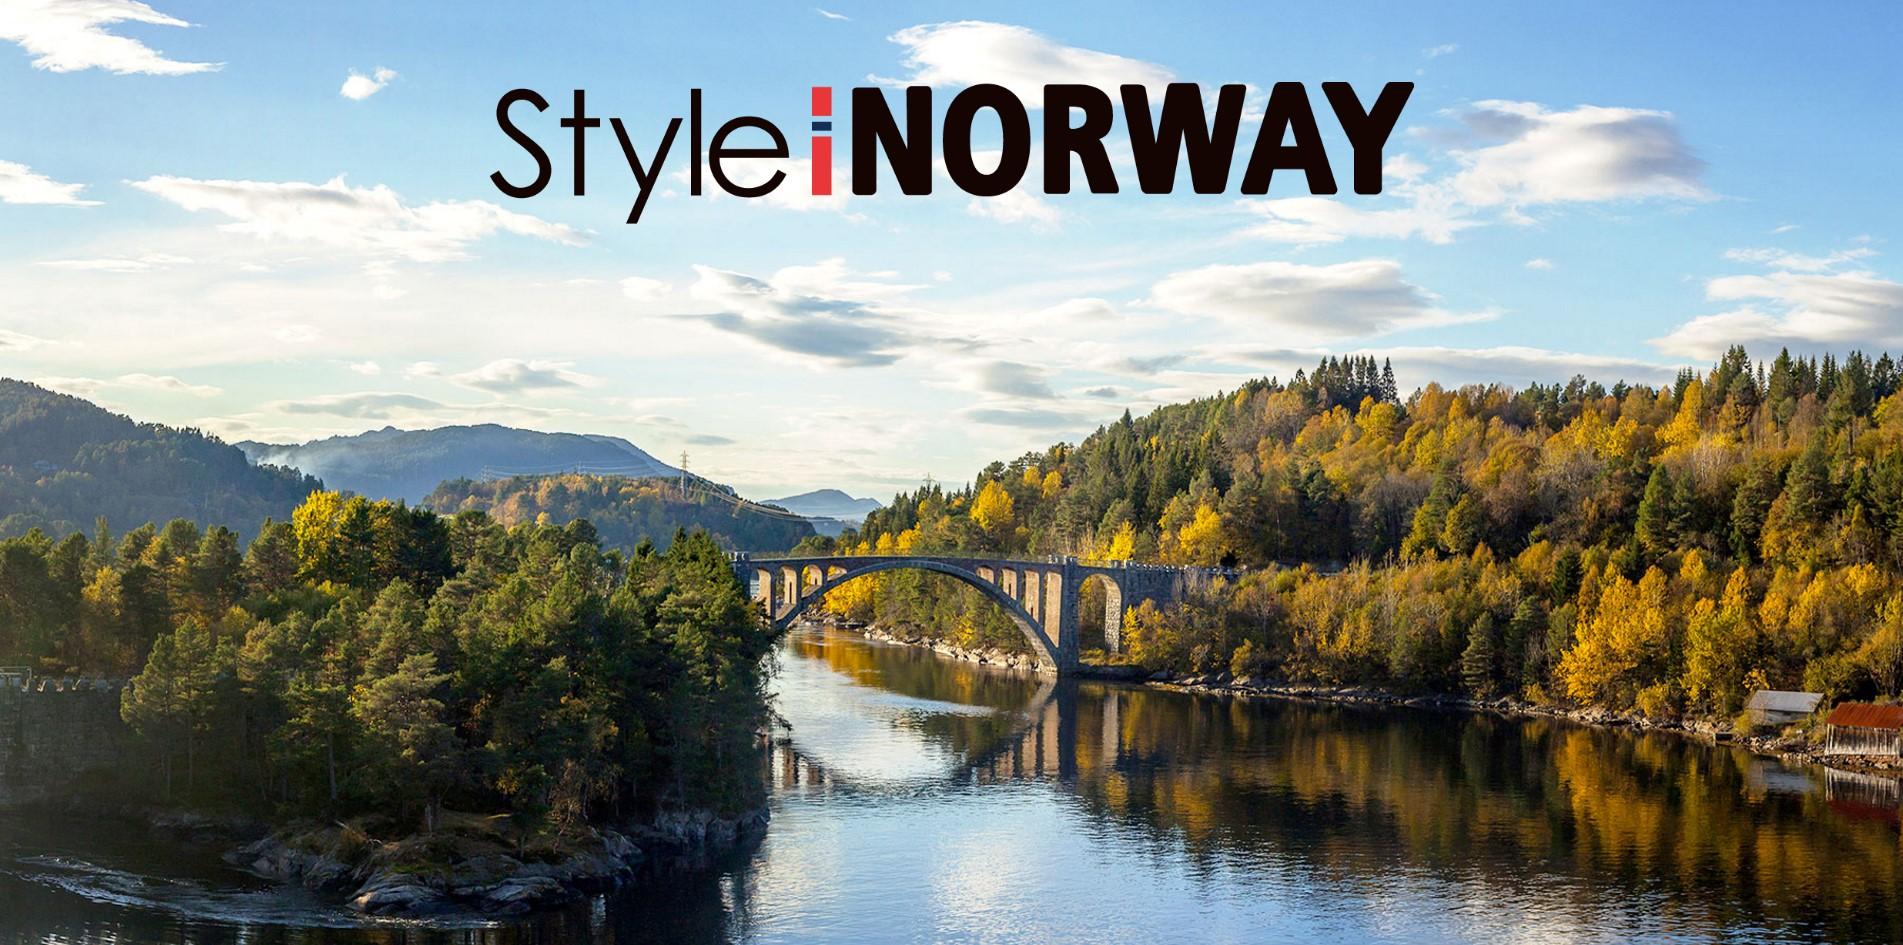 StyleNORWAY-large-pic.jpg